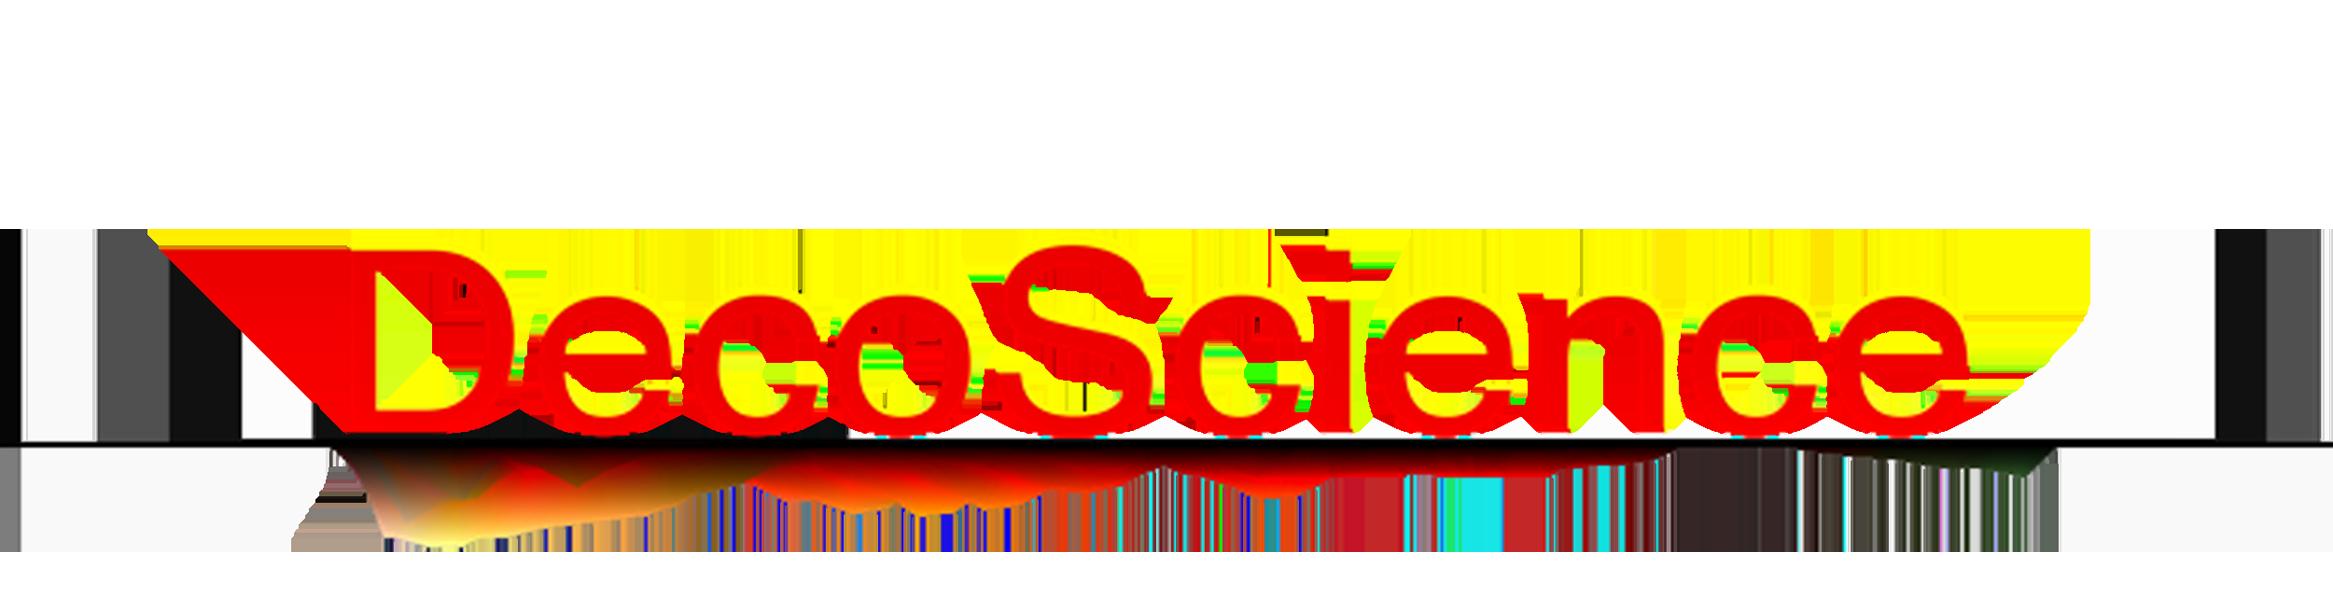 Decoscience